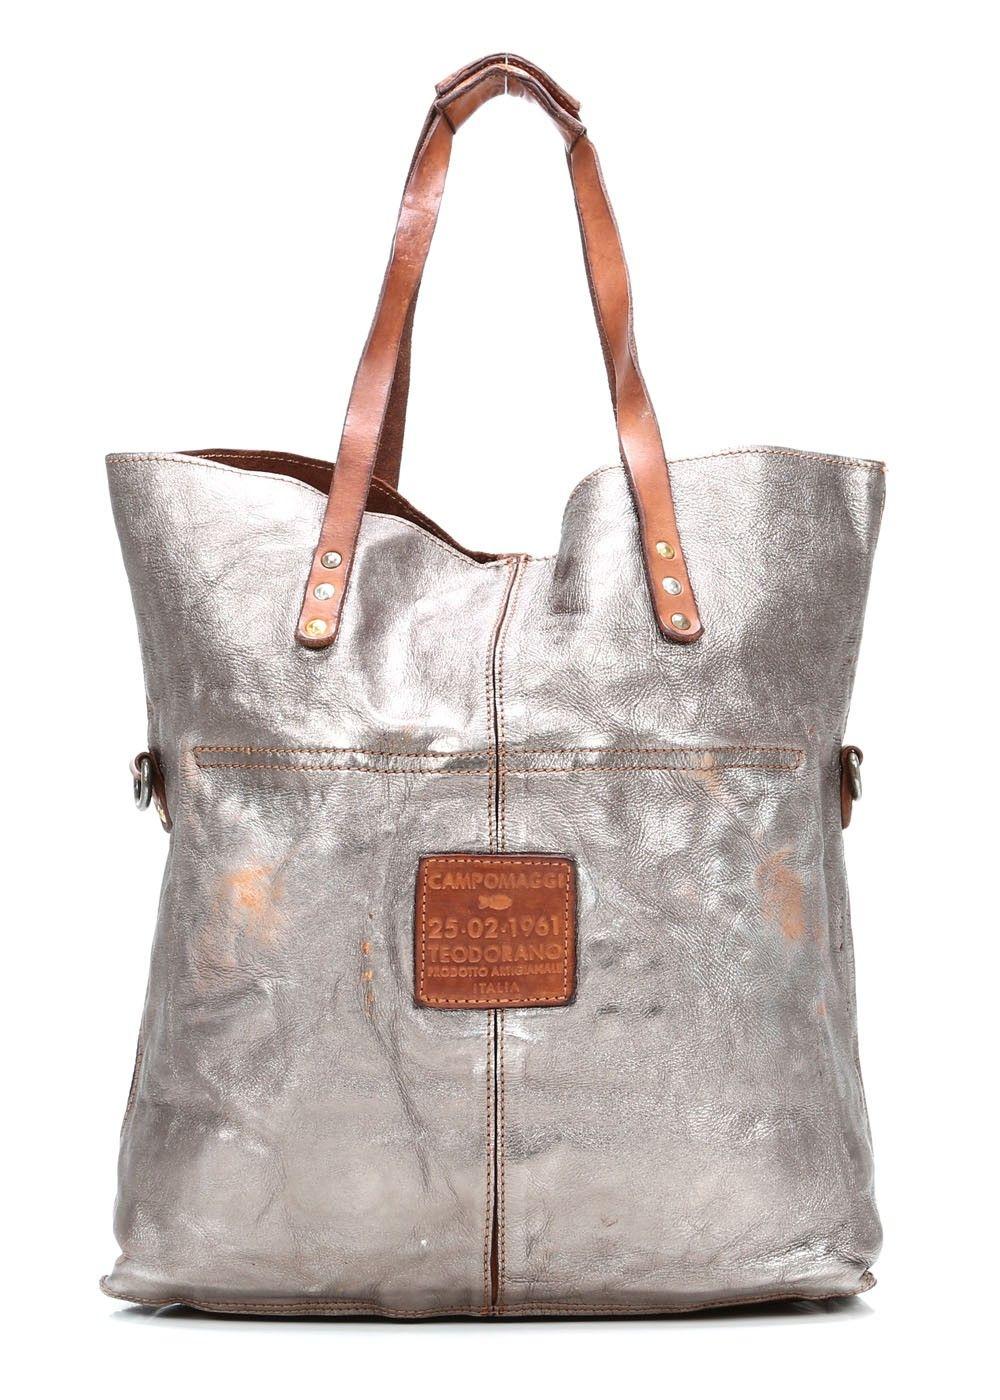 Pin von kerry grima auf Bag it | Pinterest | Taschen nähen, Leder ...